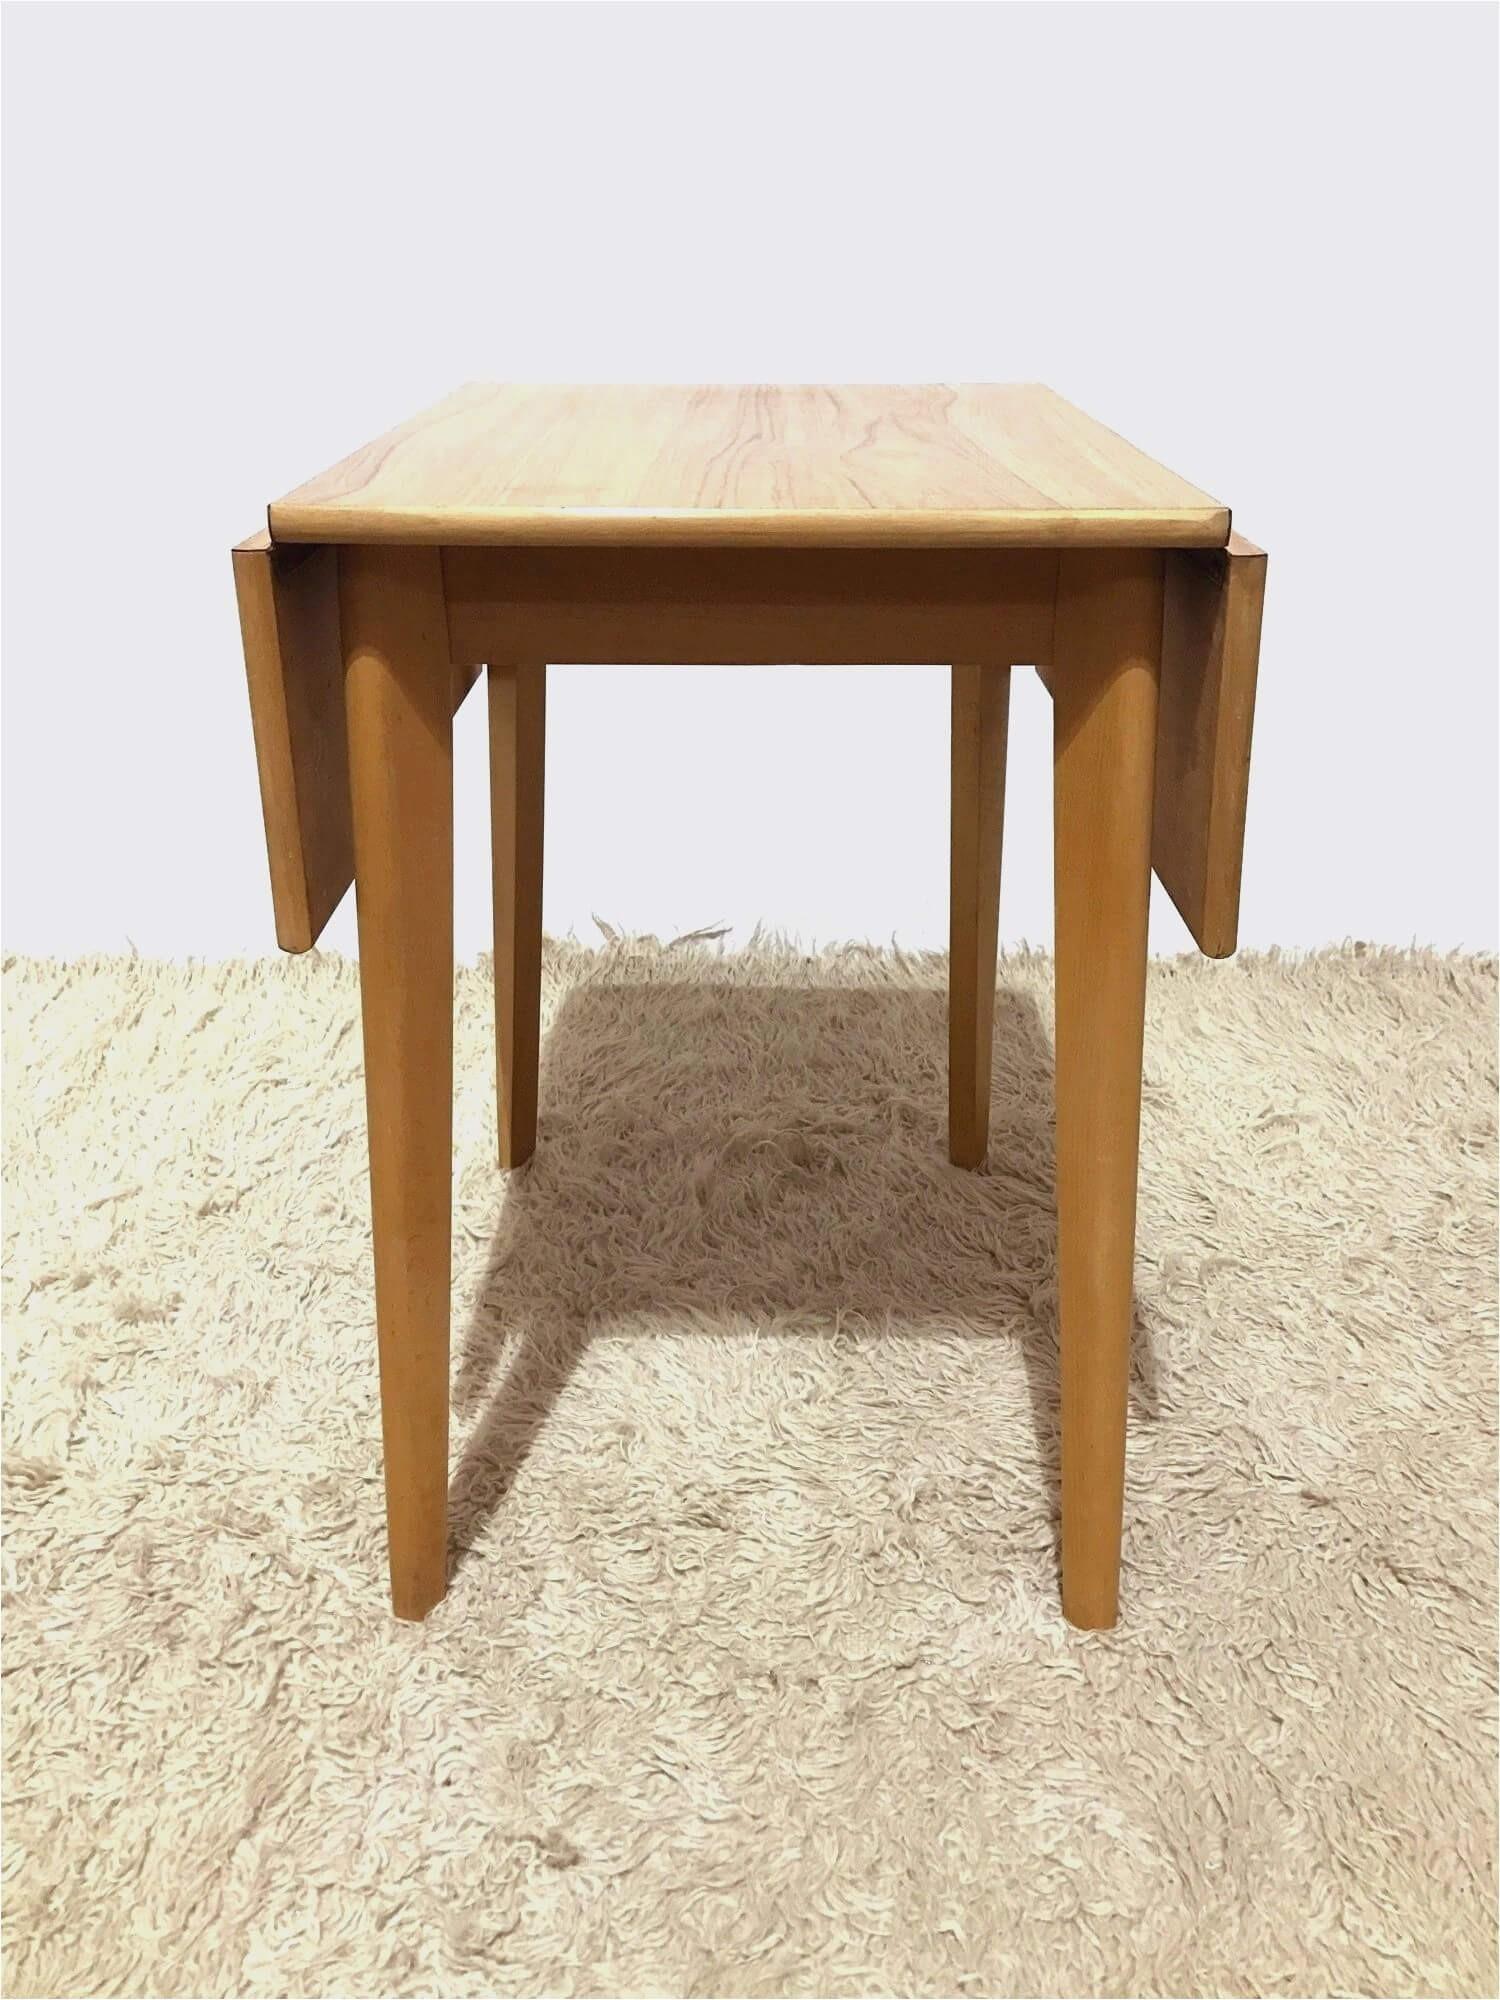 Ikea De Jardin Table Appiar Ronde Basse Io Tshrqd à Table Basse De Jardin Ikea